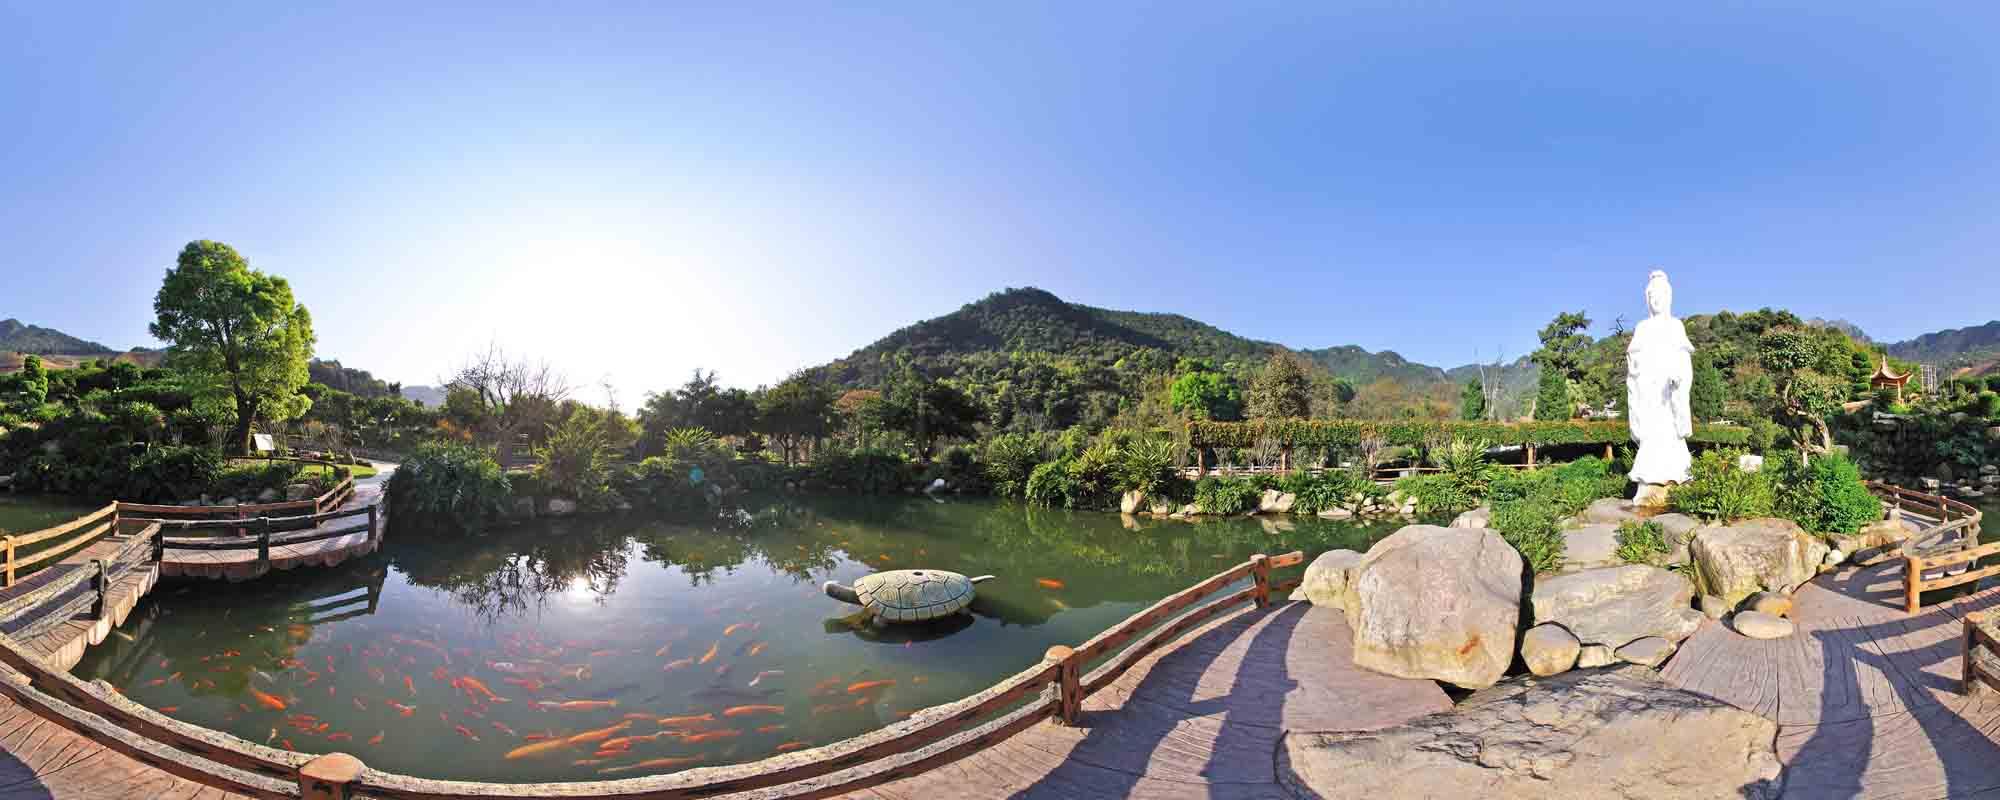 梅州虚拟旅游